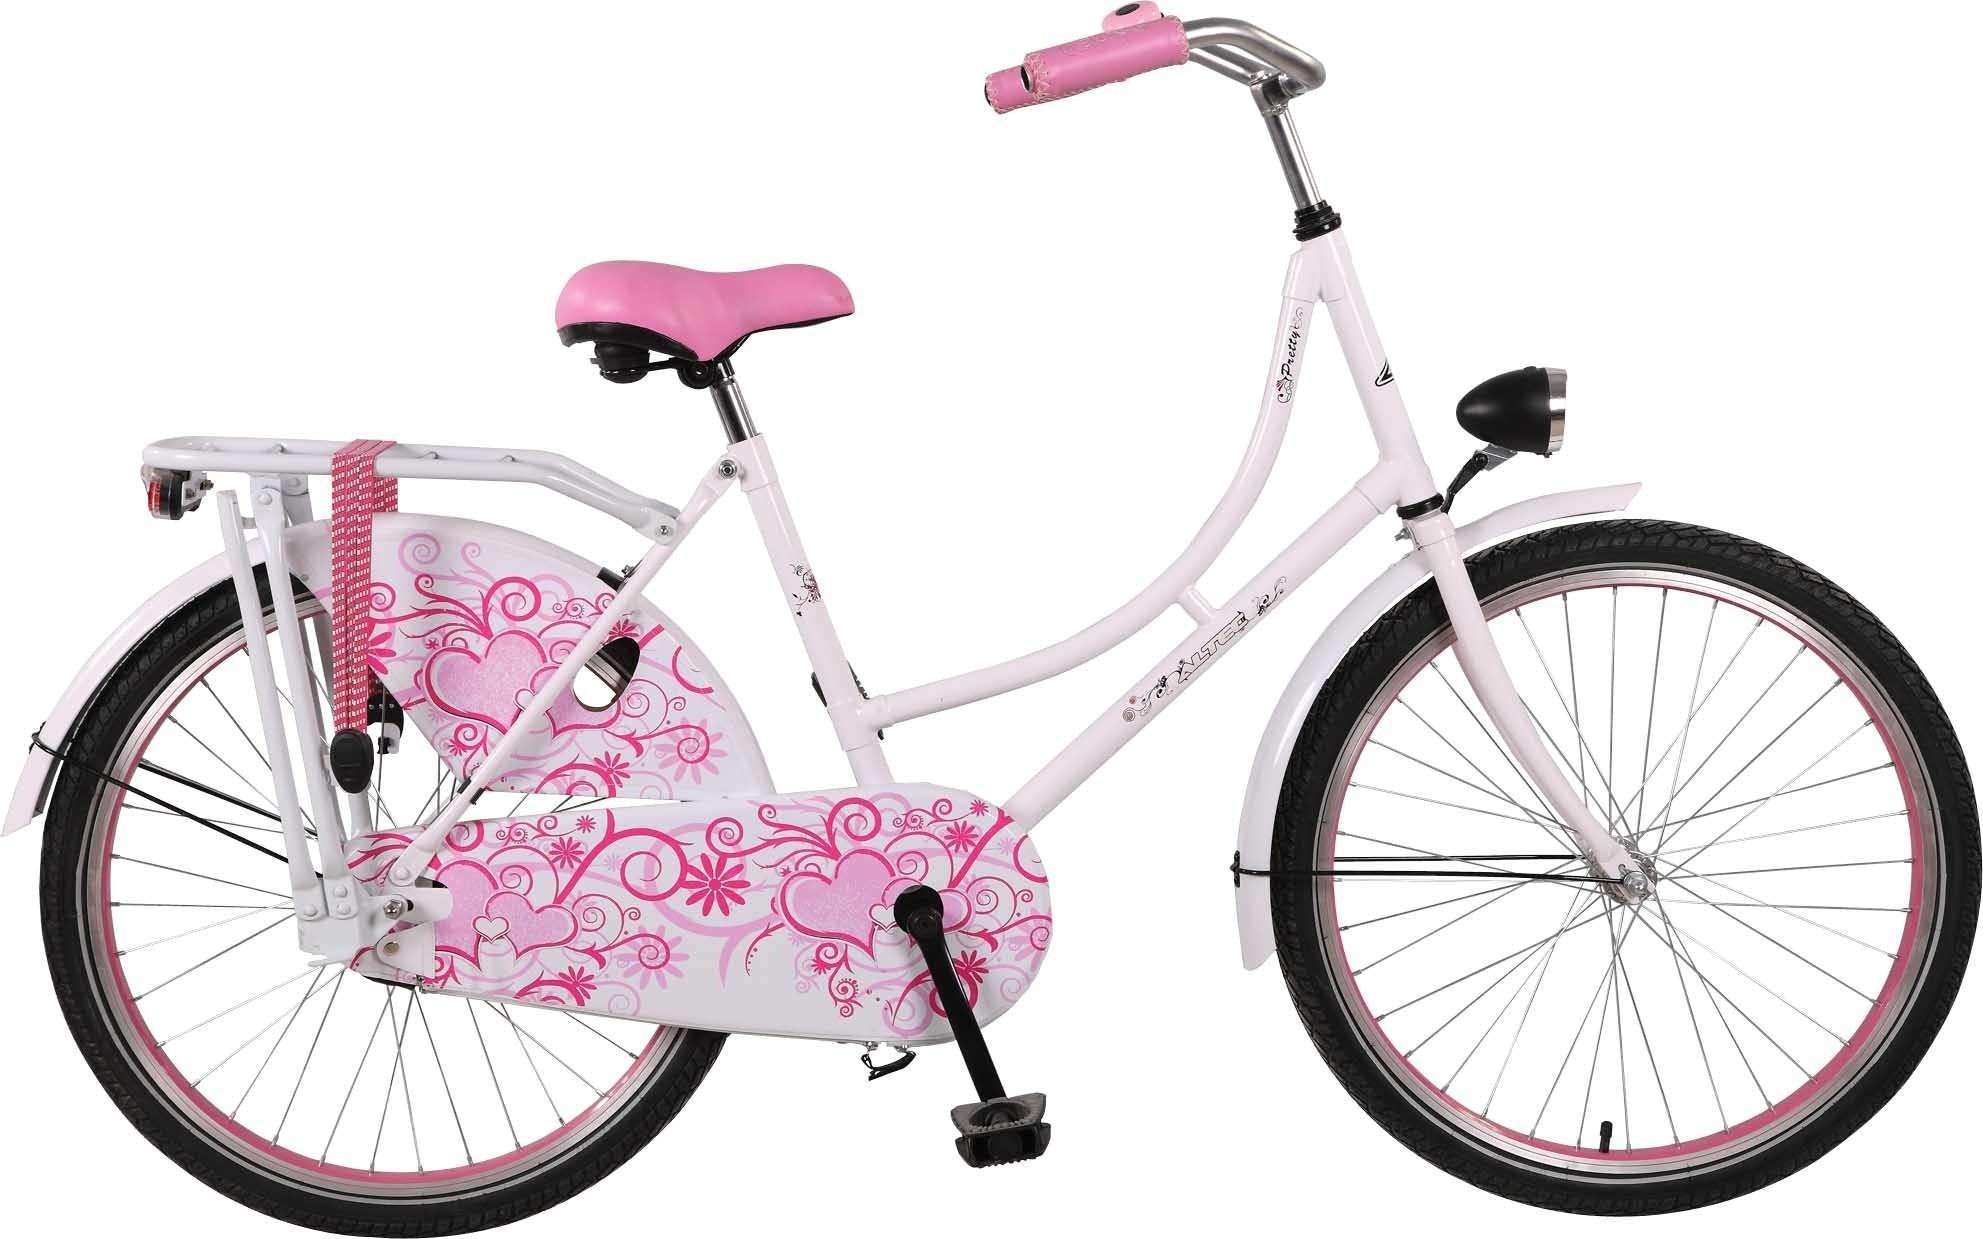 20 Zoll Kinder Hollandräder- selten zu finden- wir ahben sienatürlich:)